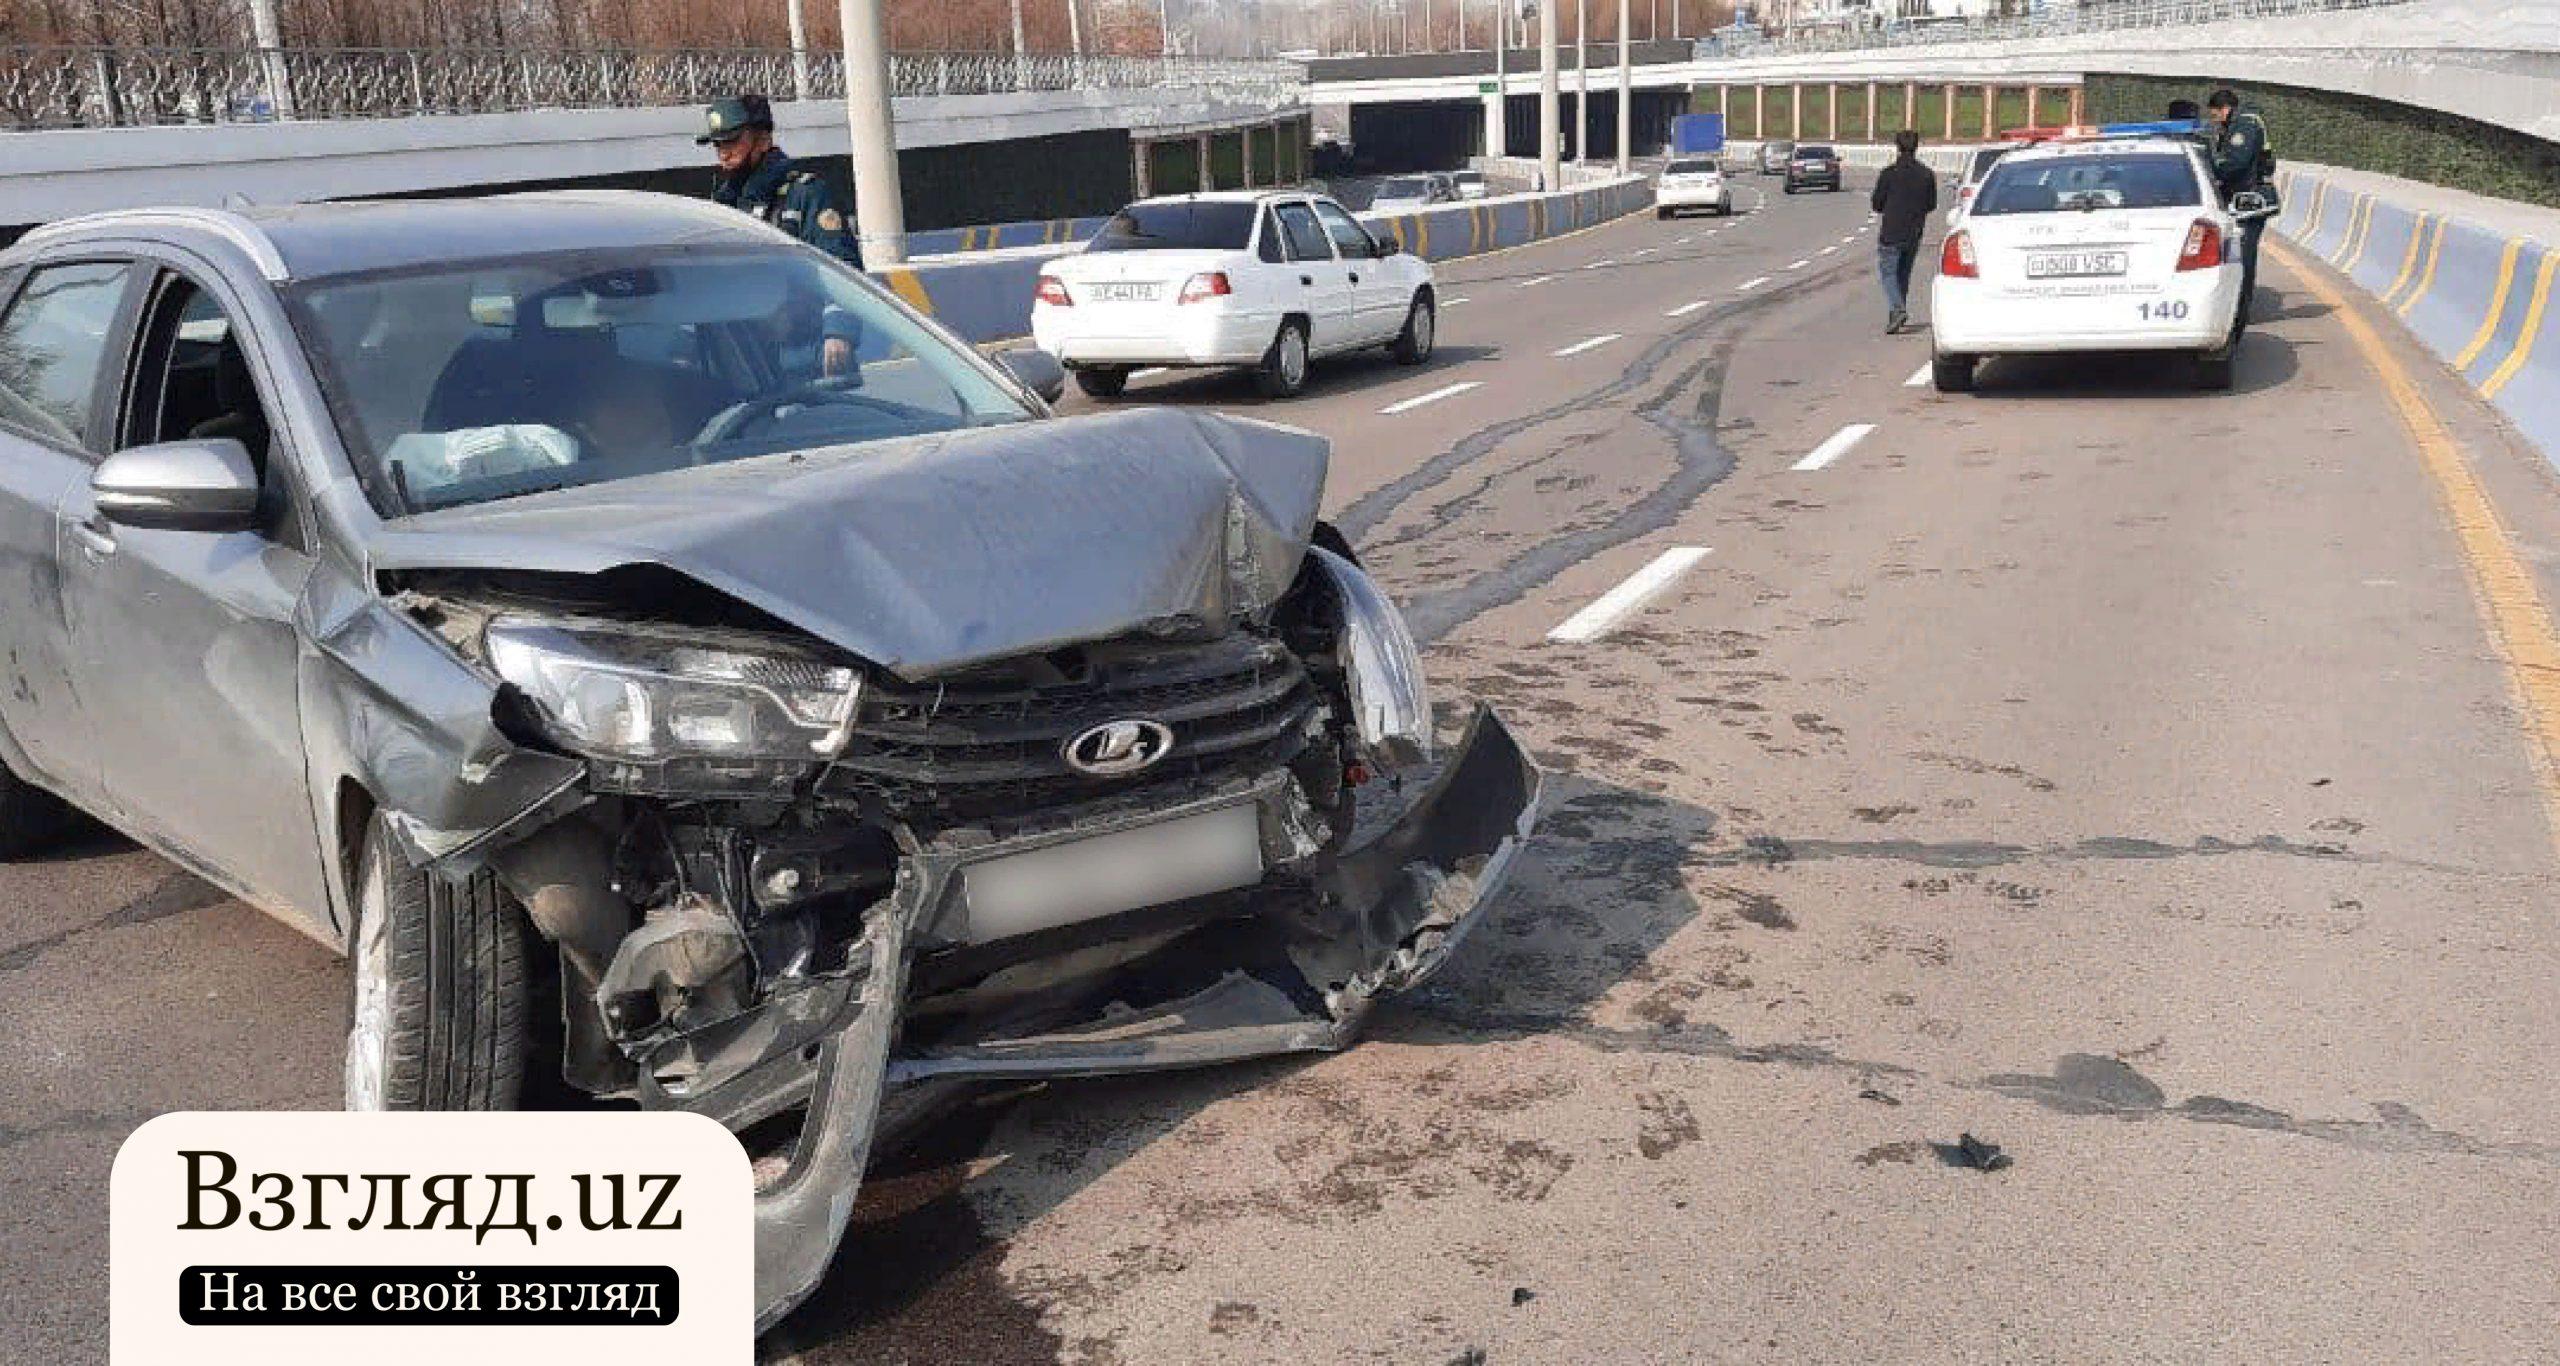 В Ташкенте водитель Lada Vesta врезался в бетонное ограждение